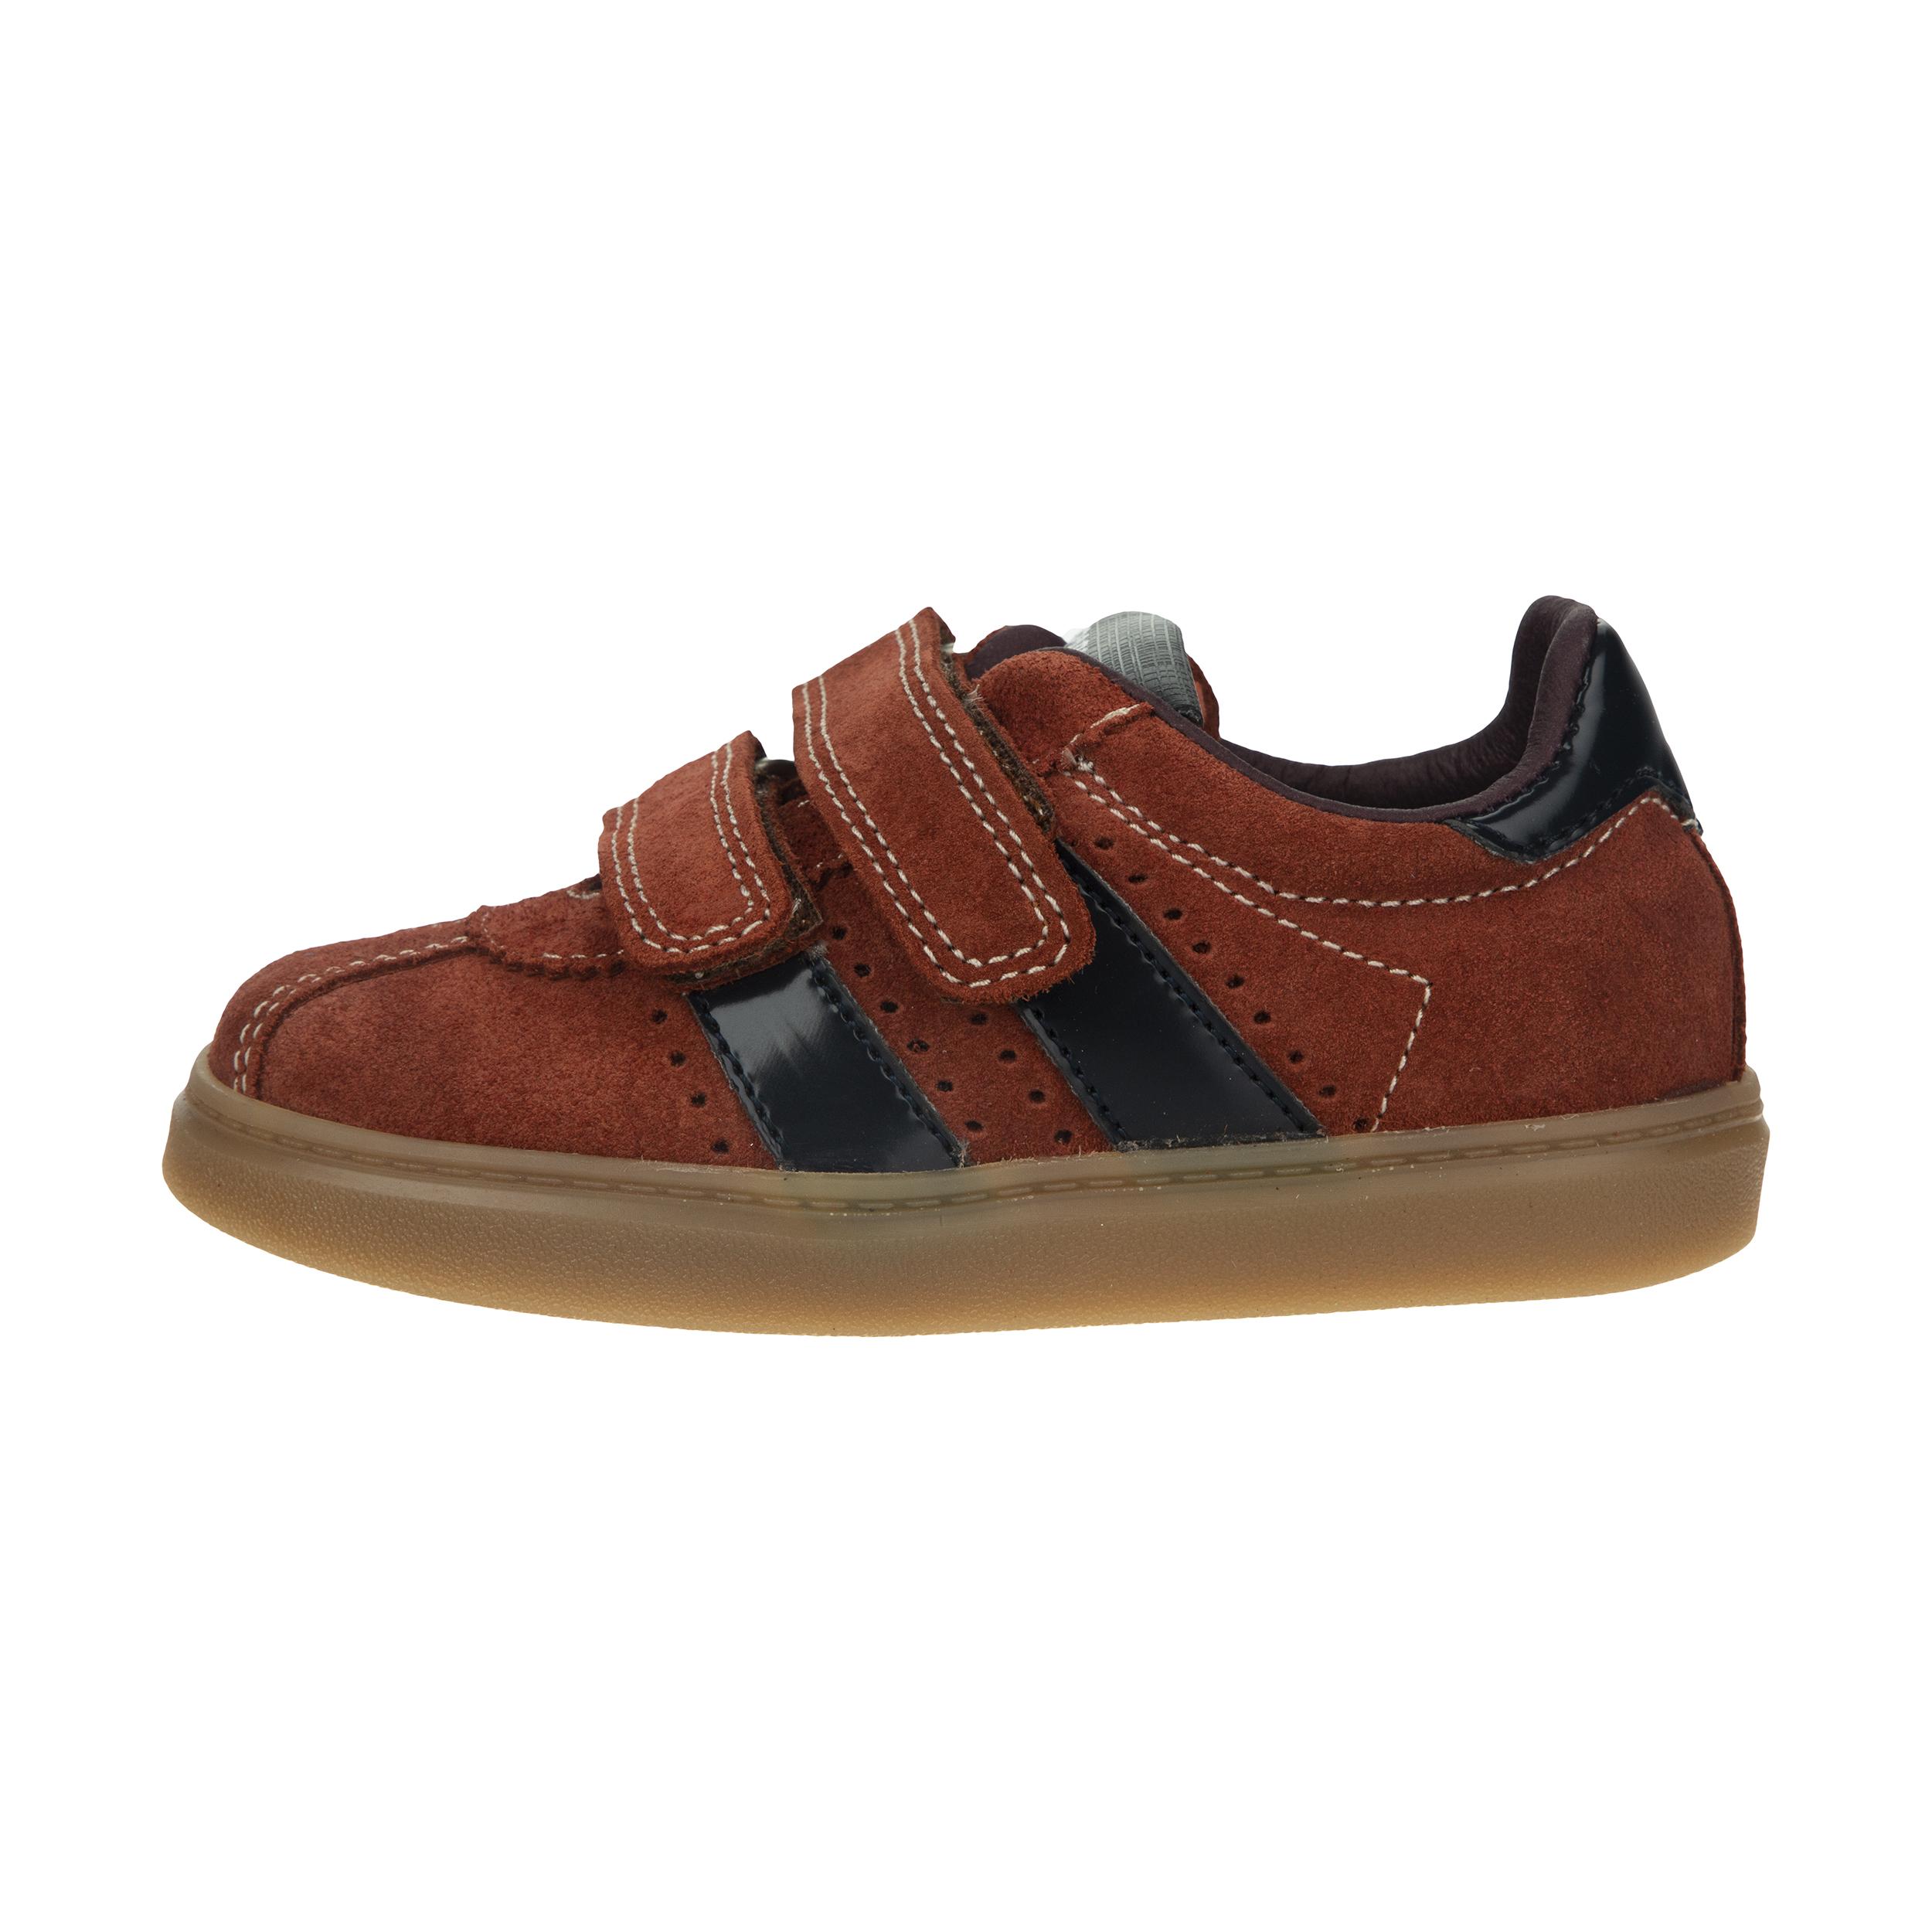 کفش راحتی بچگانه پابلوسکی مدل 279268